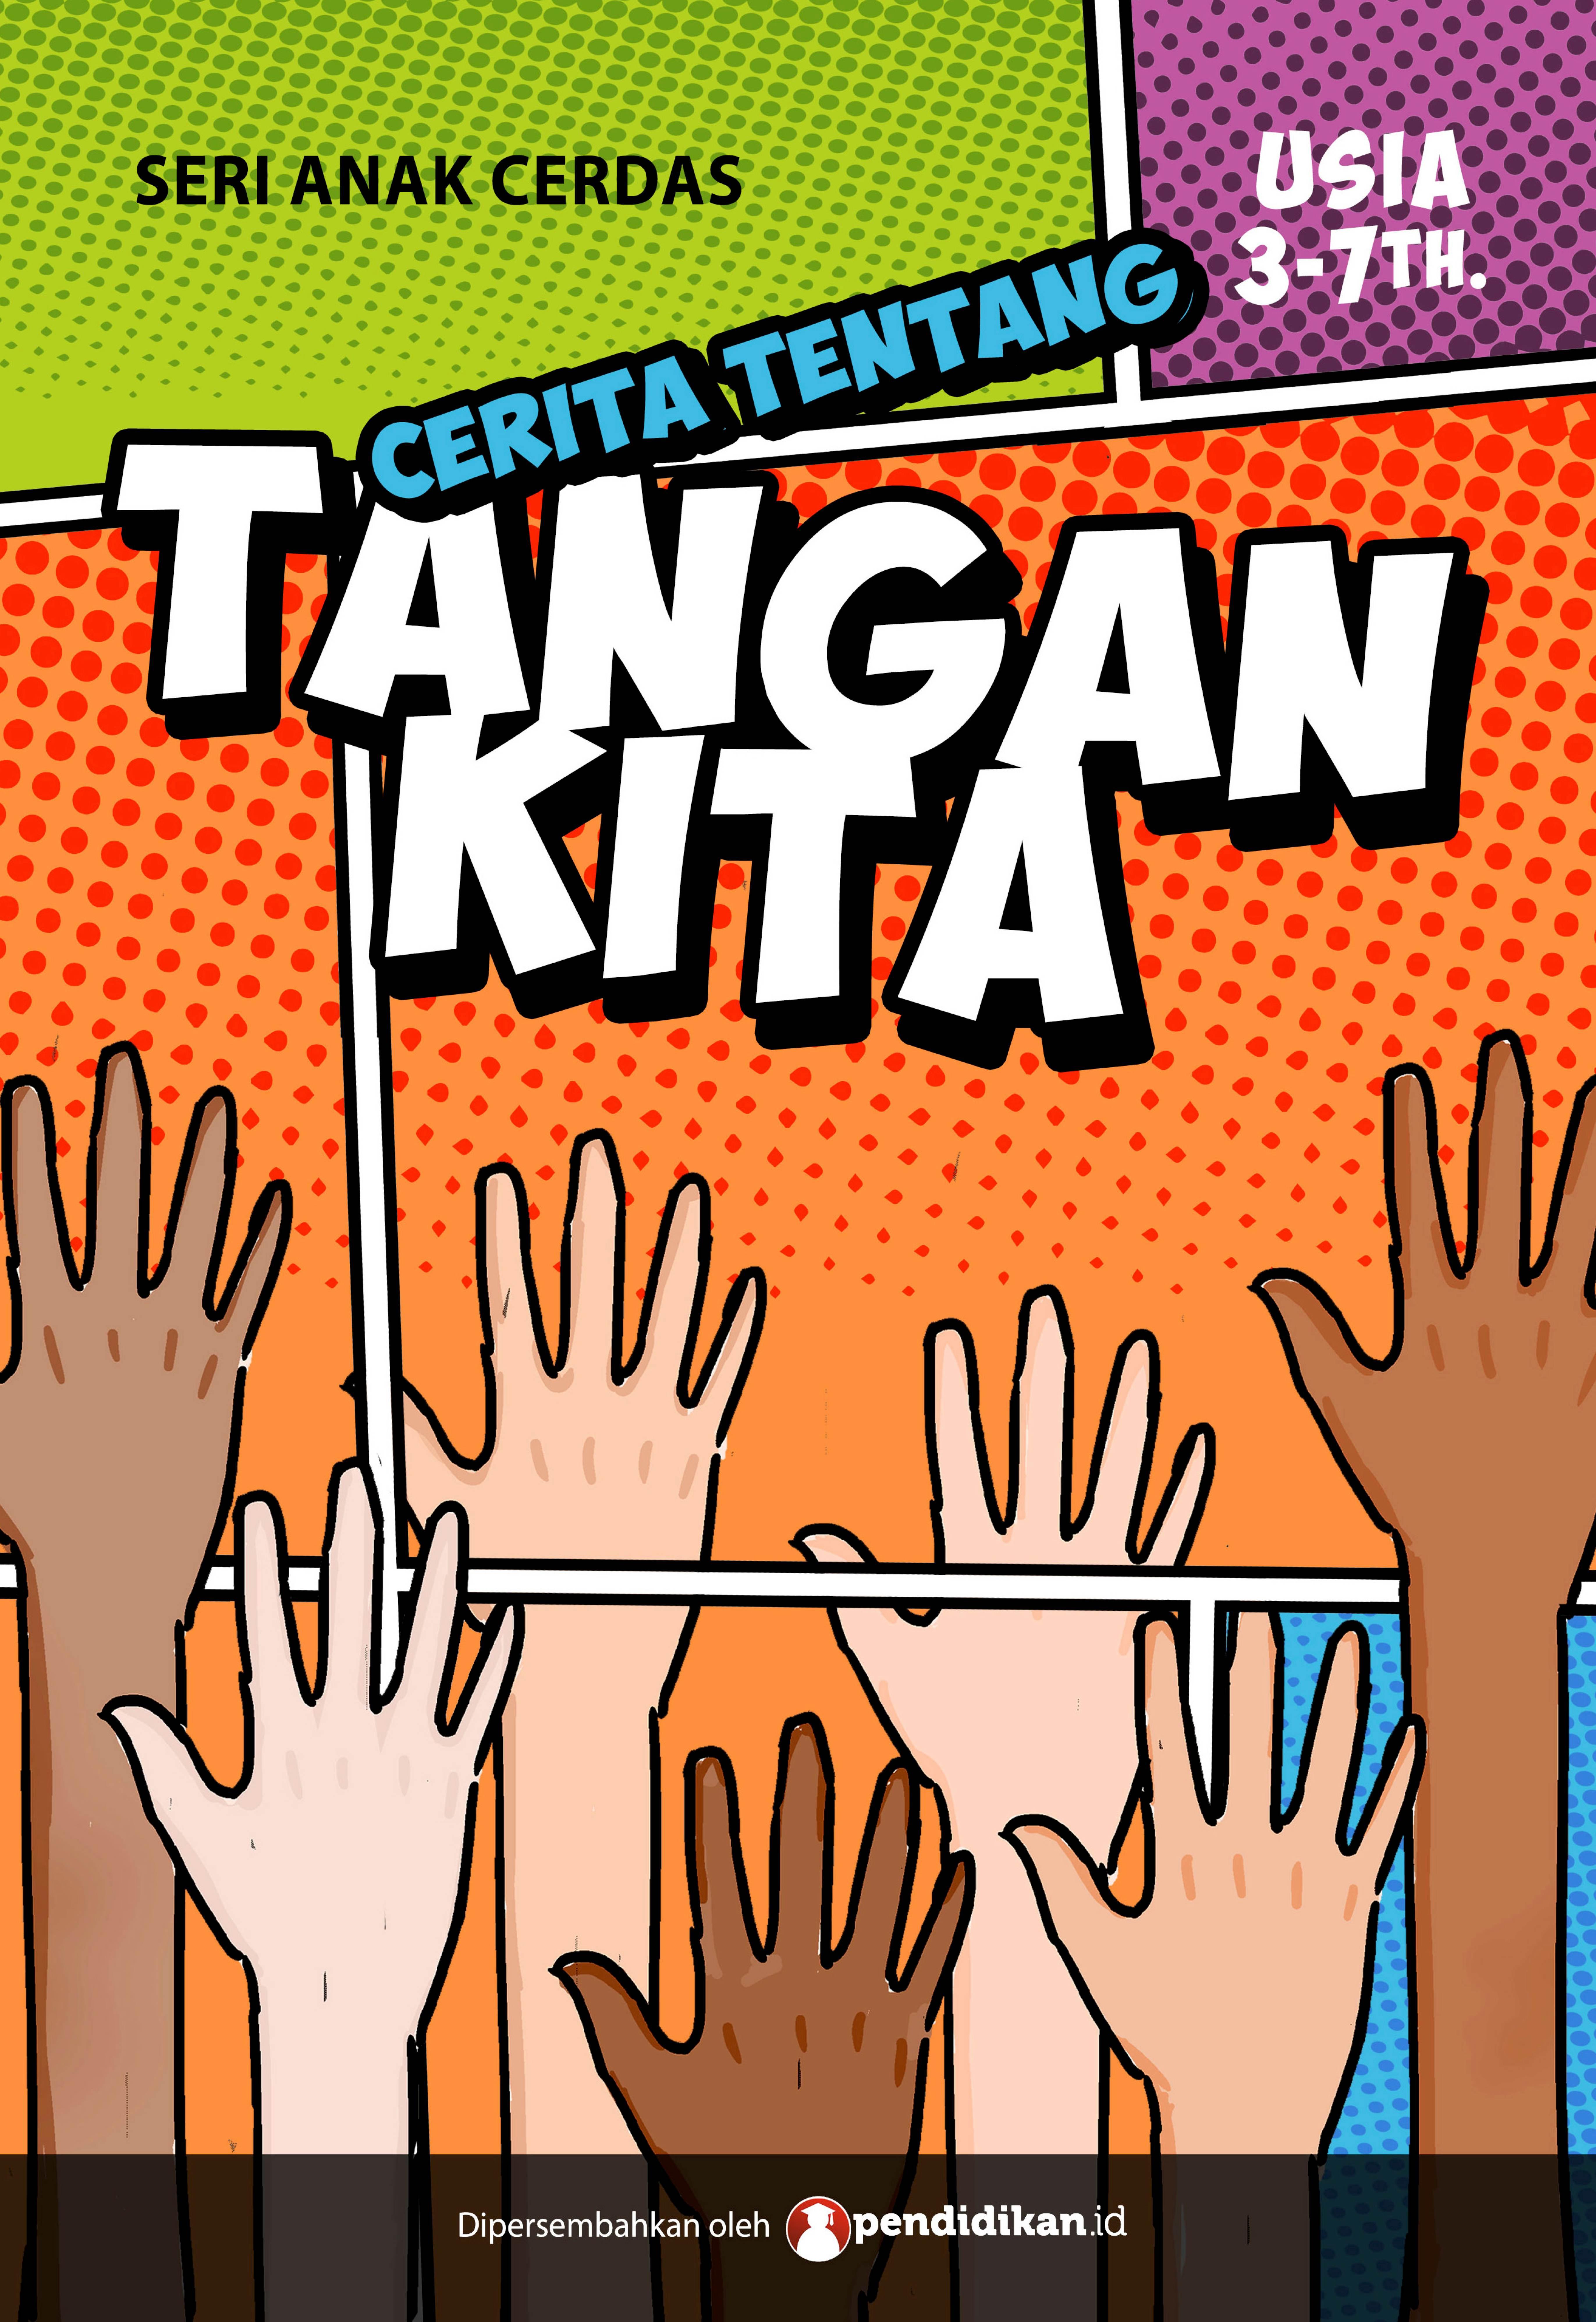 Cerita Anak-anak: Ayo Gunakan Tangan dengan Baik, Cegah Kekerasan dan Bangun Moral Anak Bangsa Sejak Dini Melalui Komik 'Tangan Kita!'